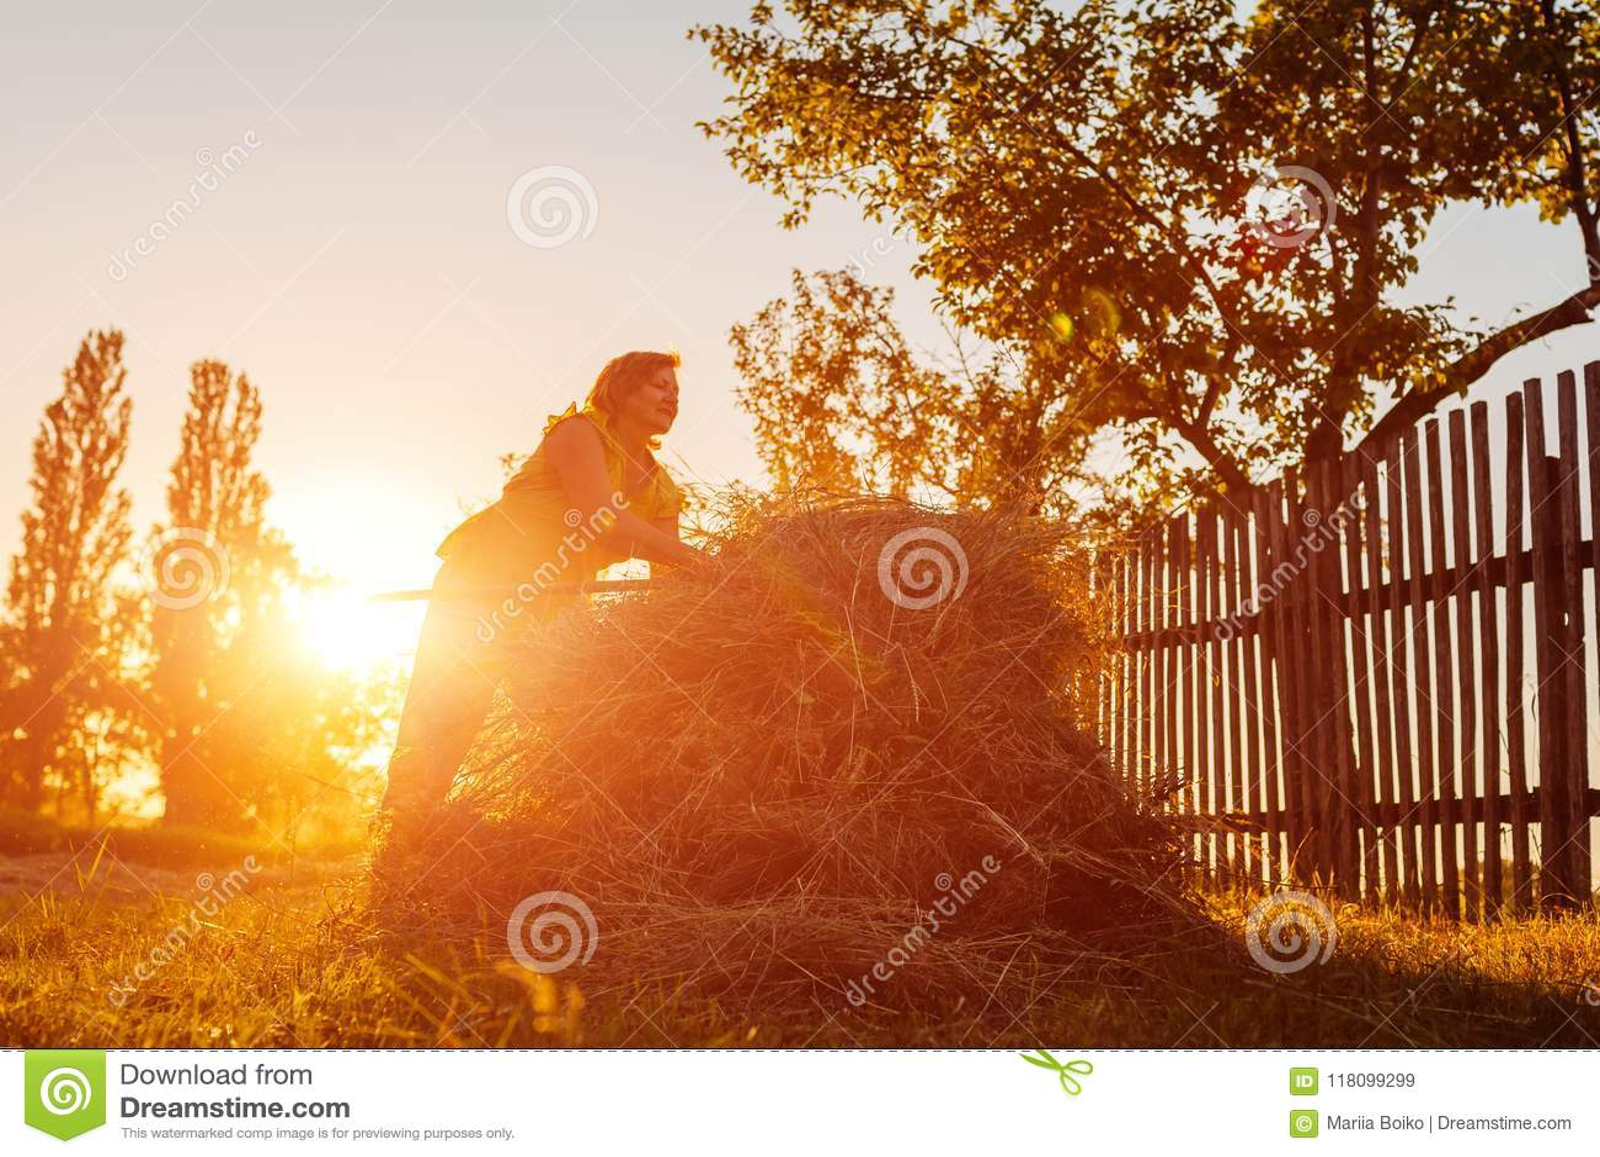 Landwirtfrau erfasst Heu mit Heugabel bei Sonnenuntergang in der Landschaft Harte Arbeit im Dorf